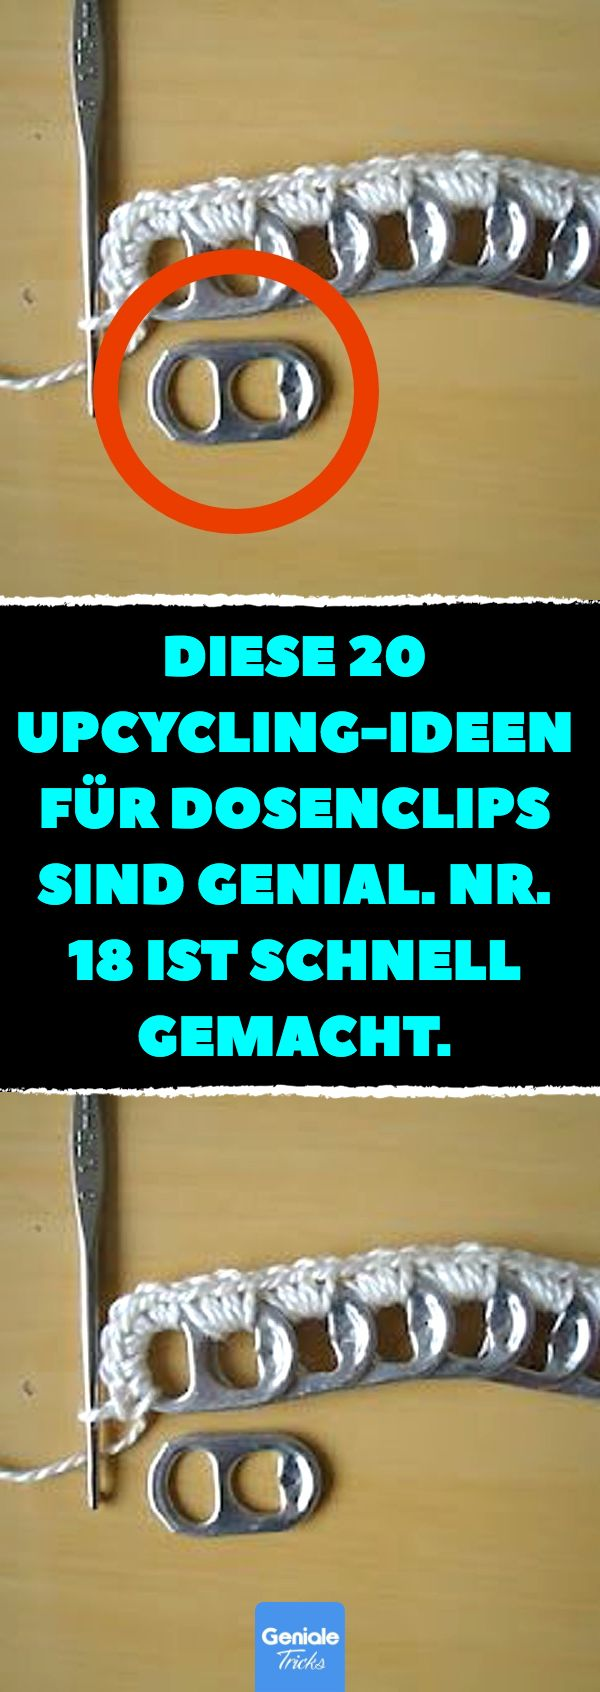 Diese 20 Upcycling-Ideen für Dosenclips sind genial. Nr. 18 ist schnell gemacht. Upcycling: Dosenverschlüsse zu Accessoires umfunktionieren. #upcycling #dosenverschlüsse #accessoires